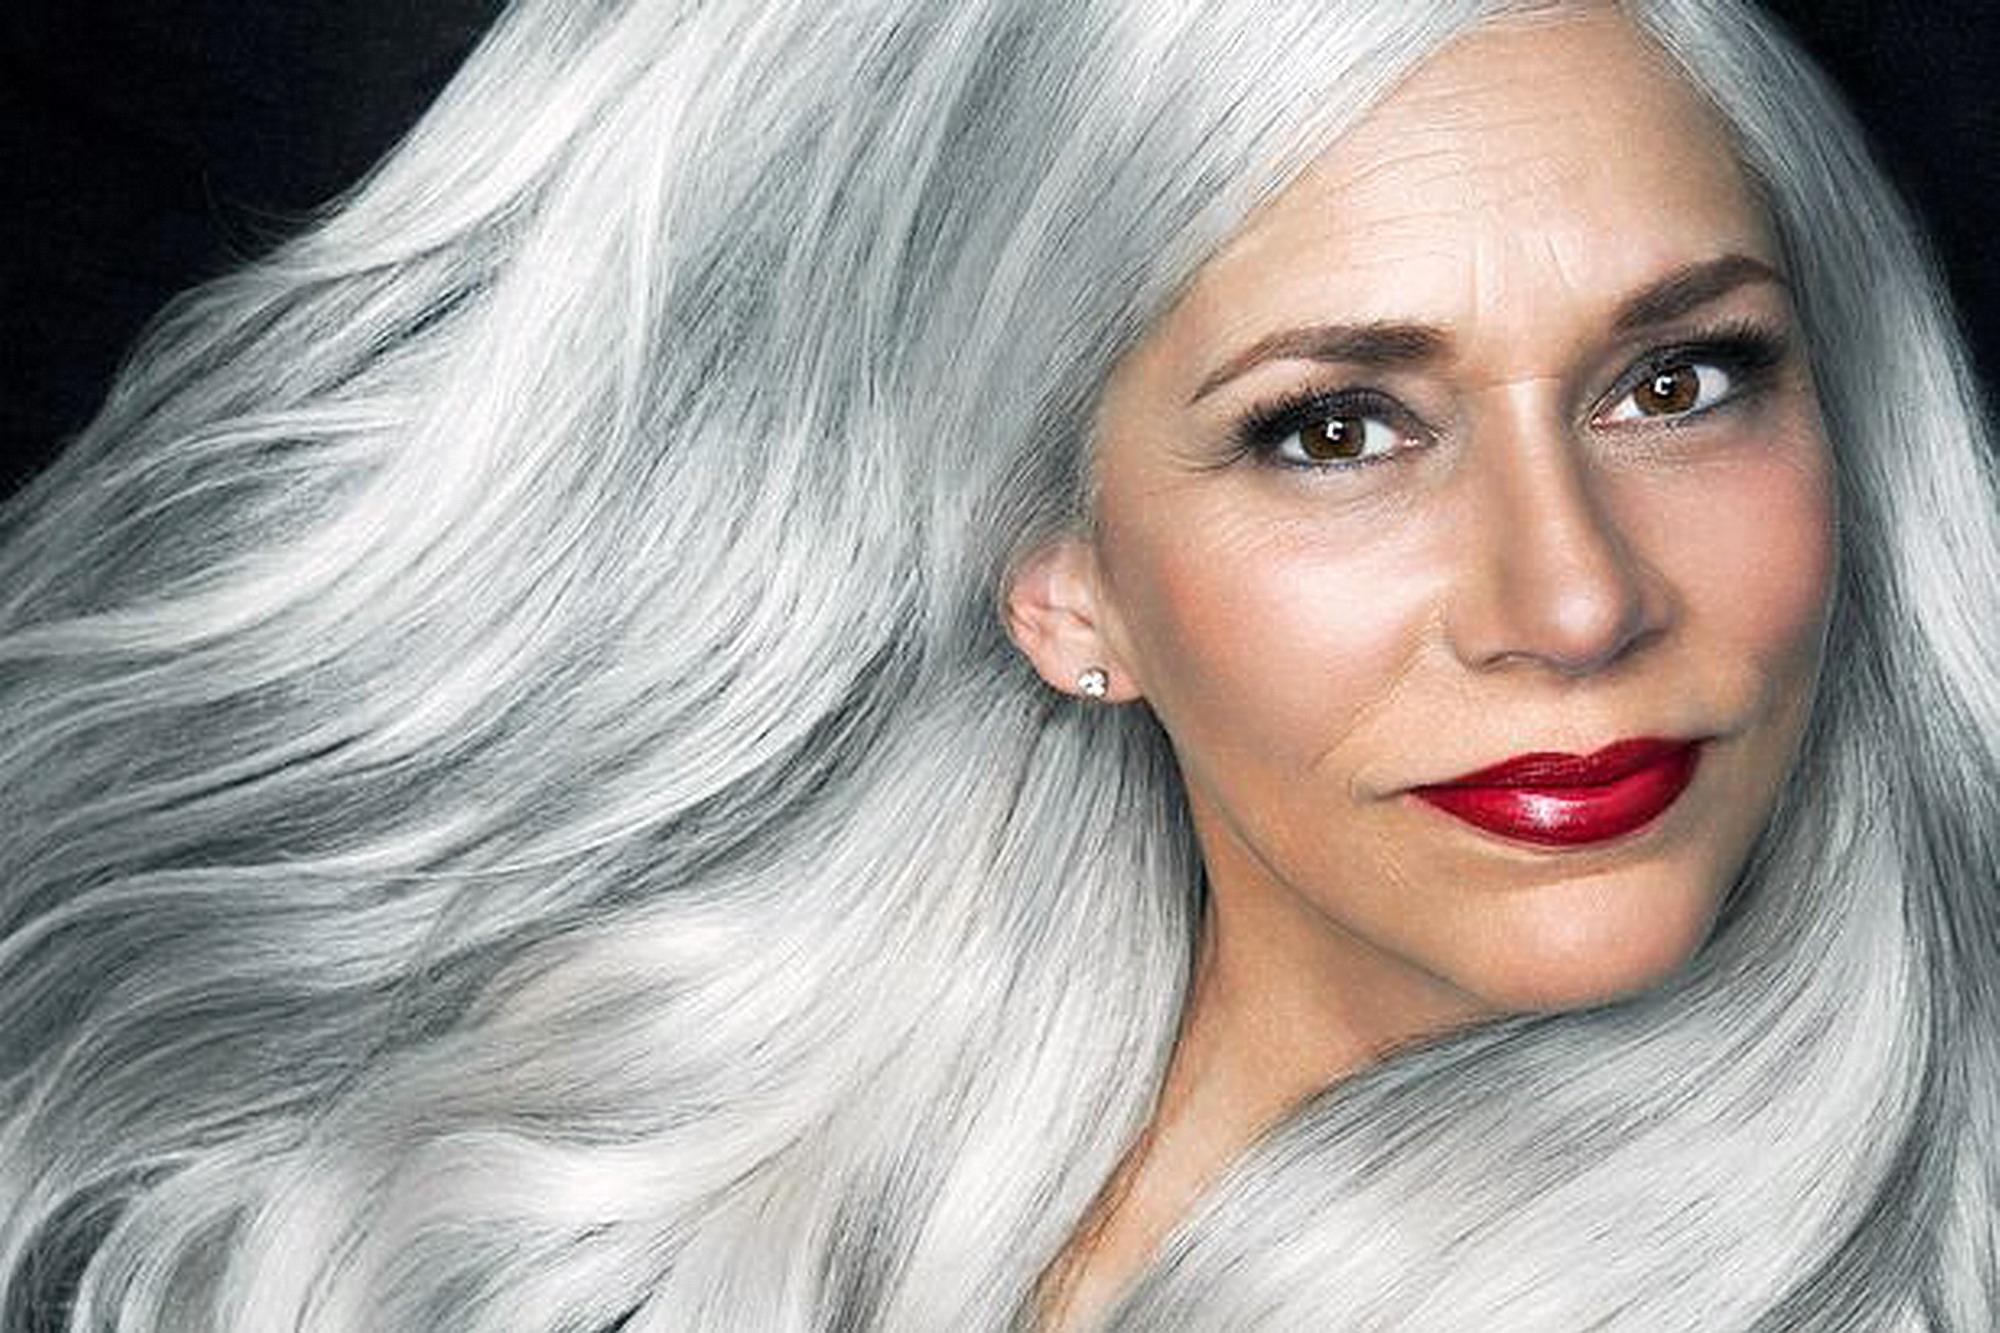 Donne famose con i capelli bianchi